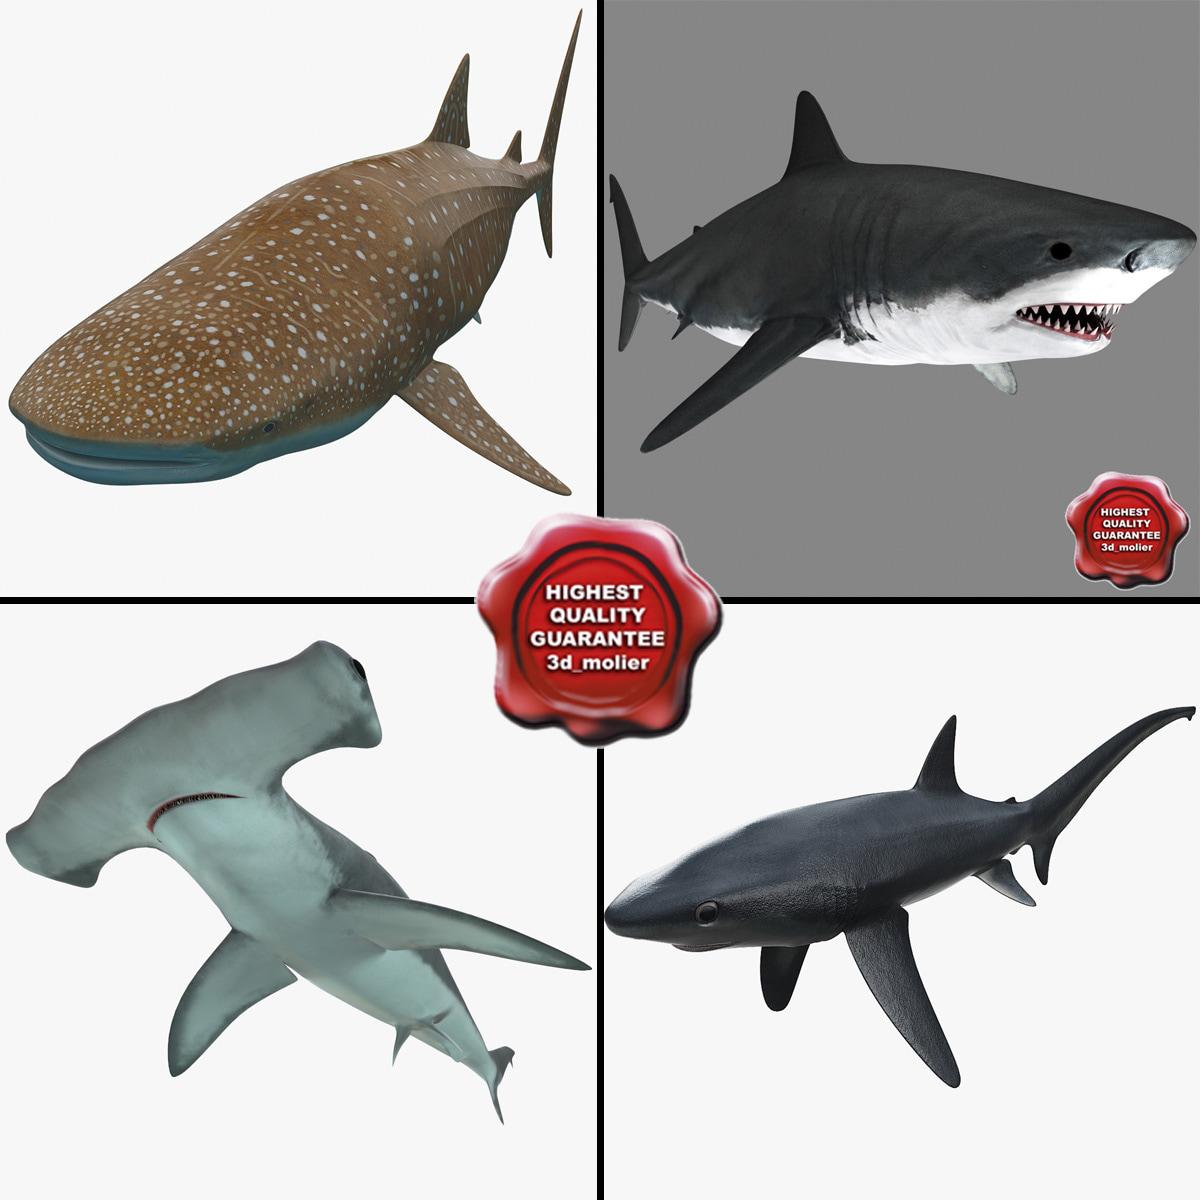 Sharks_Collection_v3_000.jpg